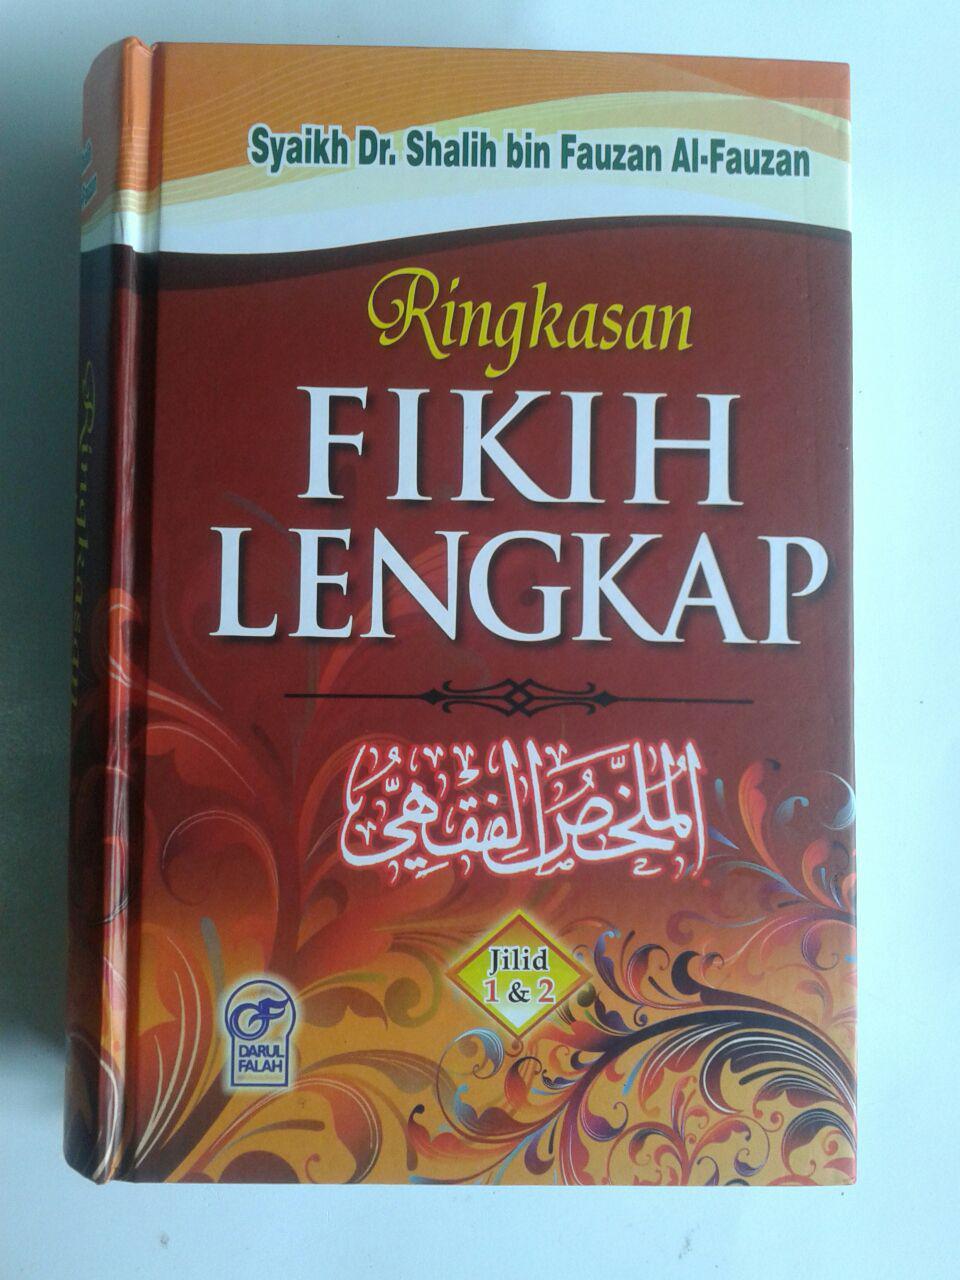 Buku Ringkasan Fikih Lengkap cover 3